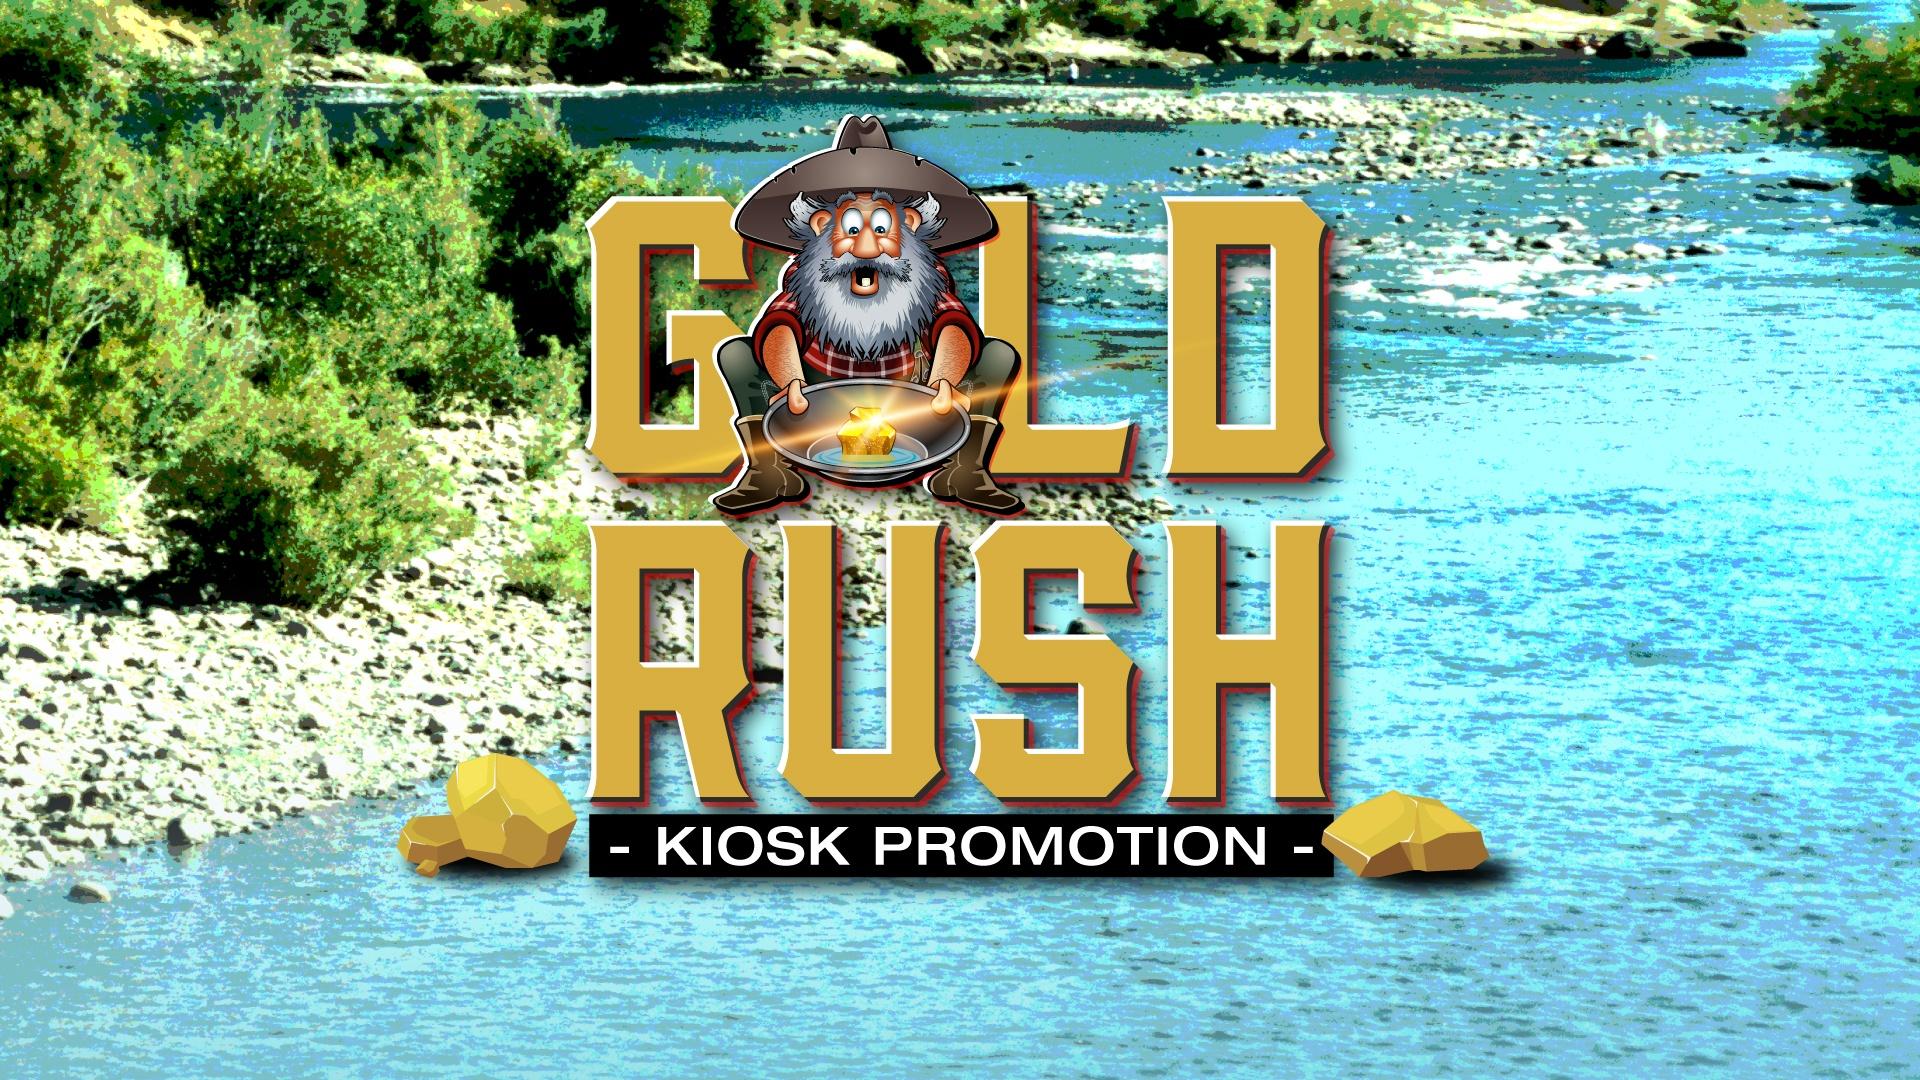 GOLD RUSH – KIOSK PROMOTION